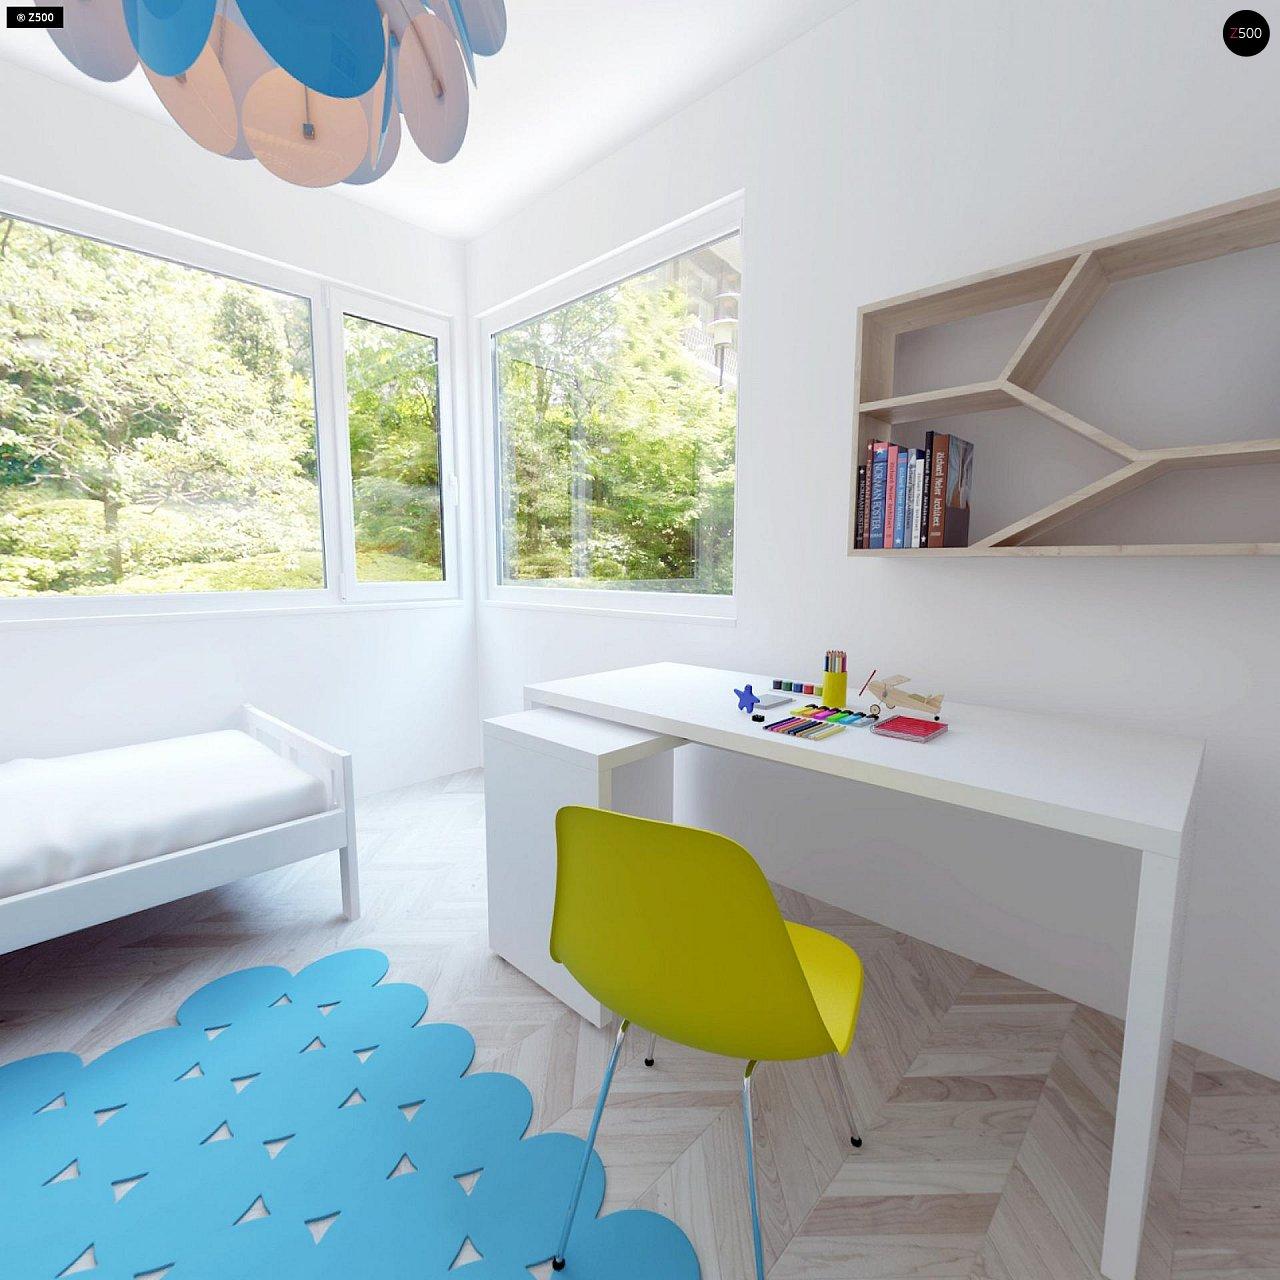 Проект компактного двухэтажного дома строгого современного стиля. - фото 19